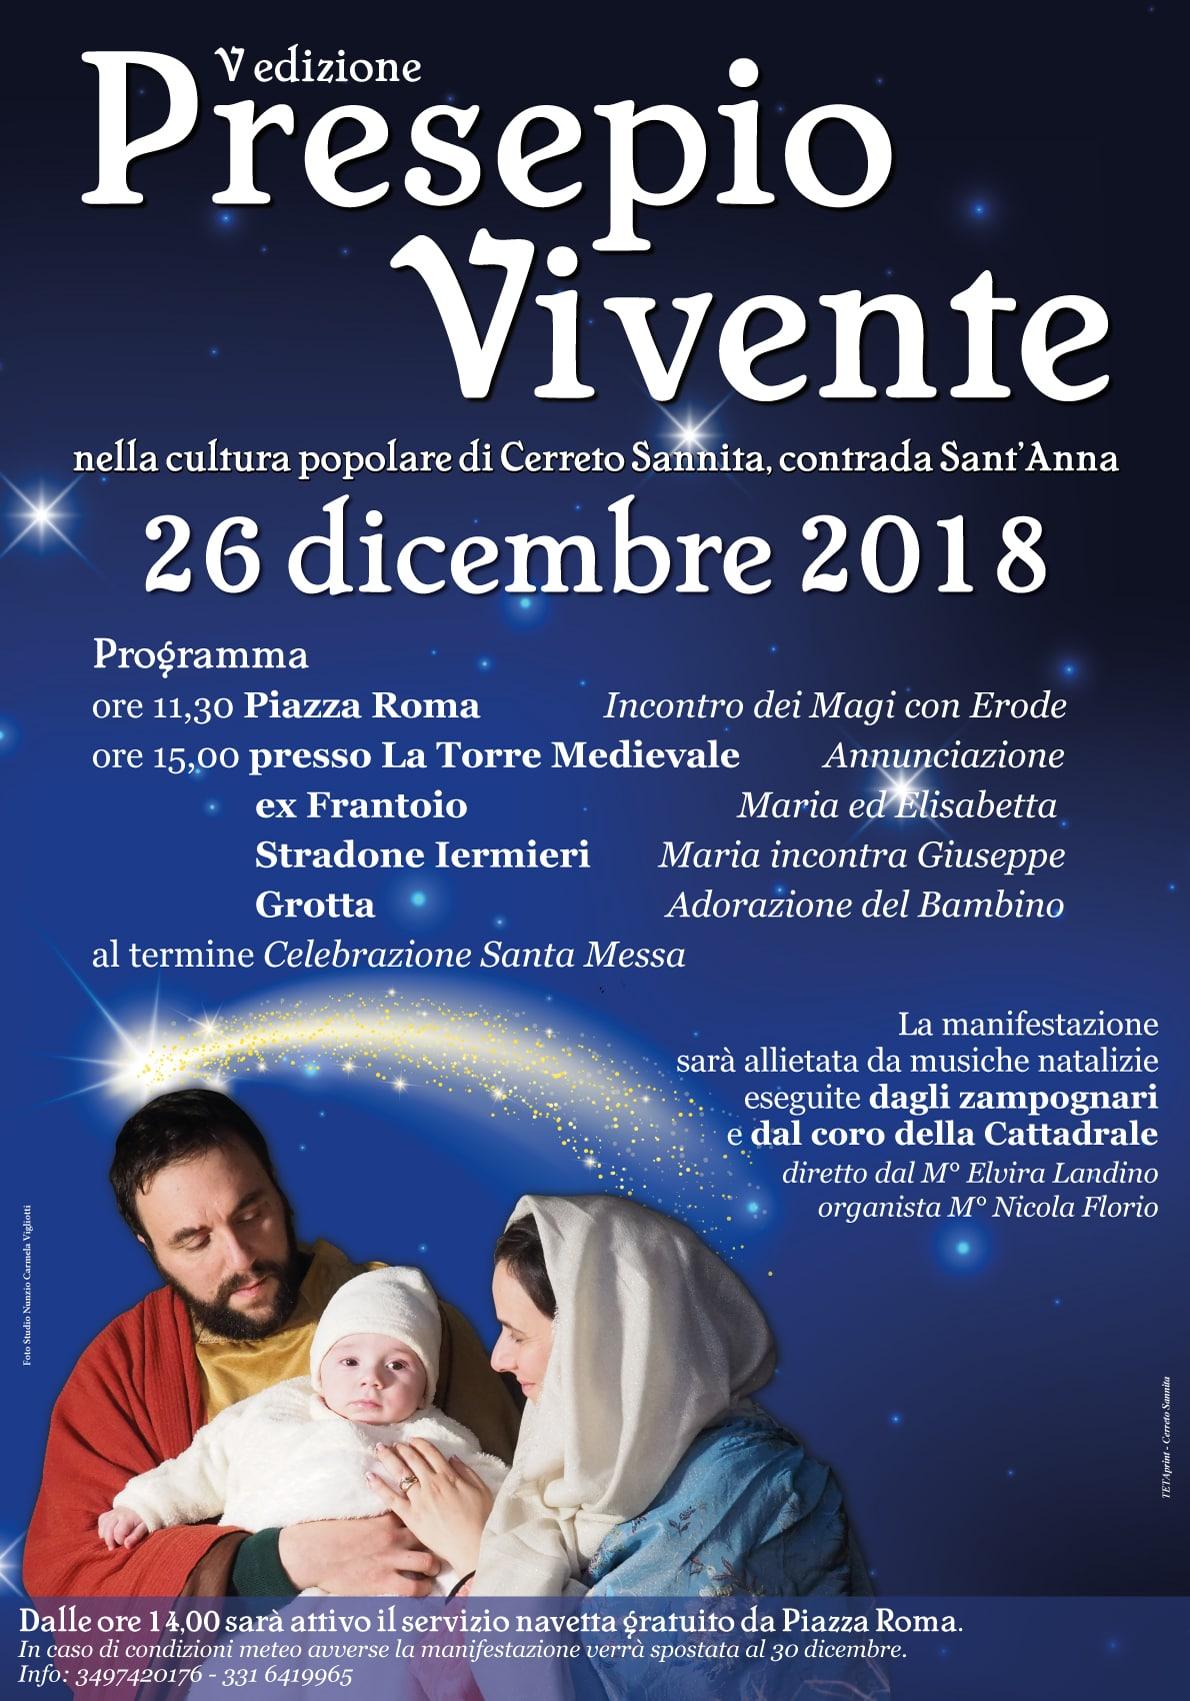 Il 26 dicembre, a Cerreto Sannita, quinta edizione del Presepe Vivente